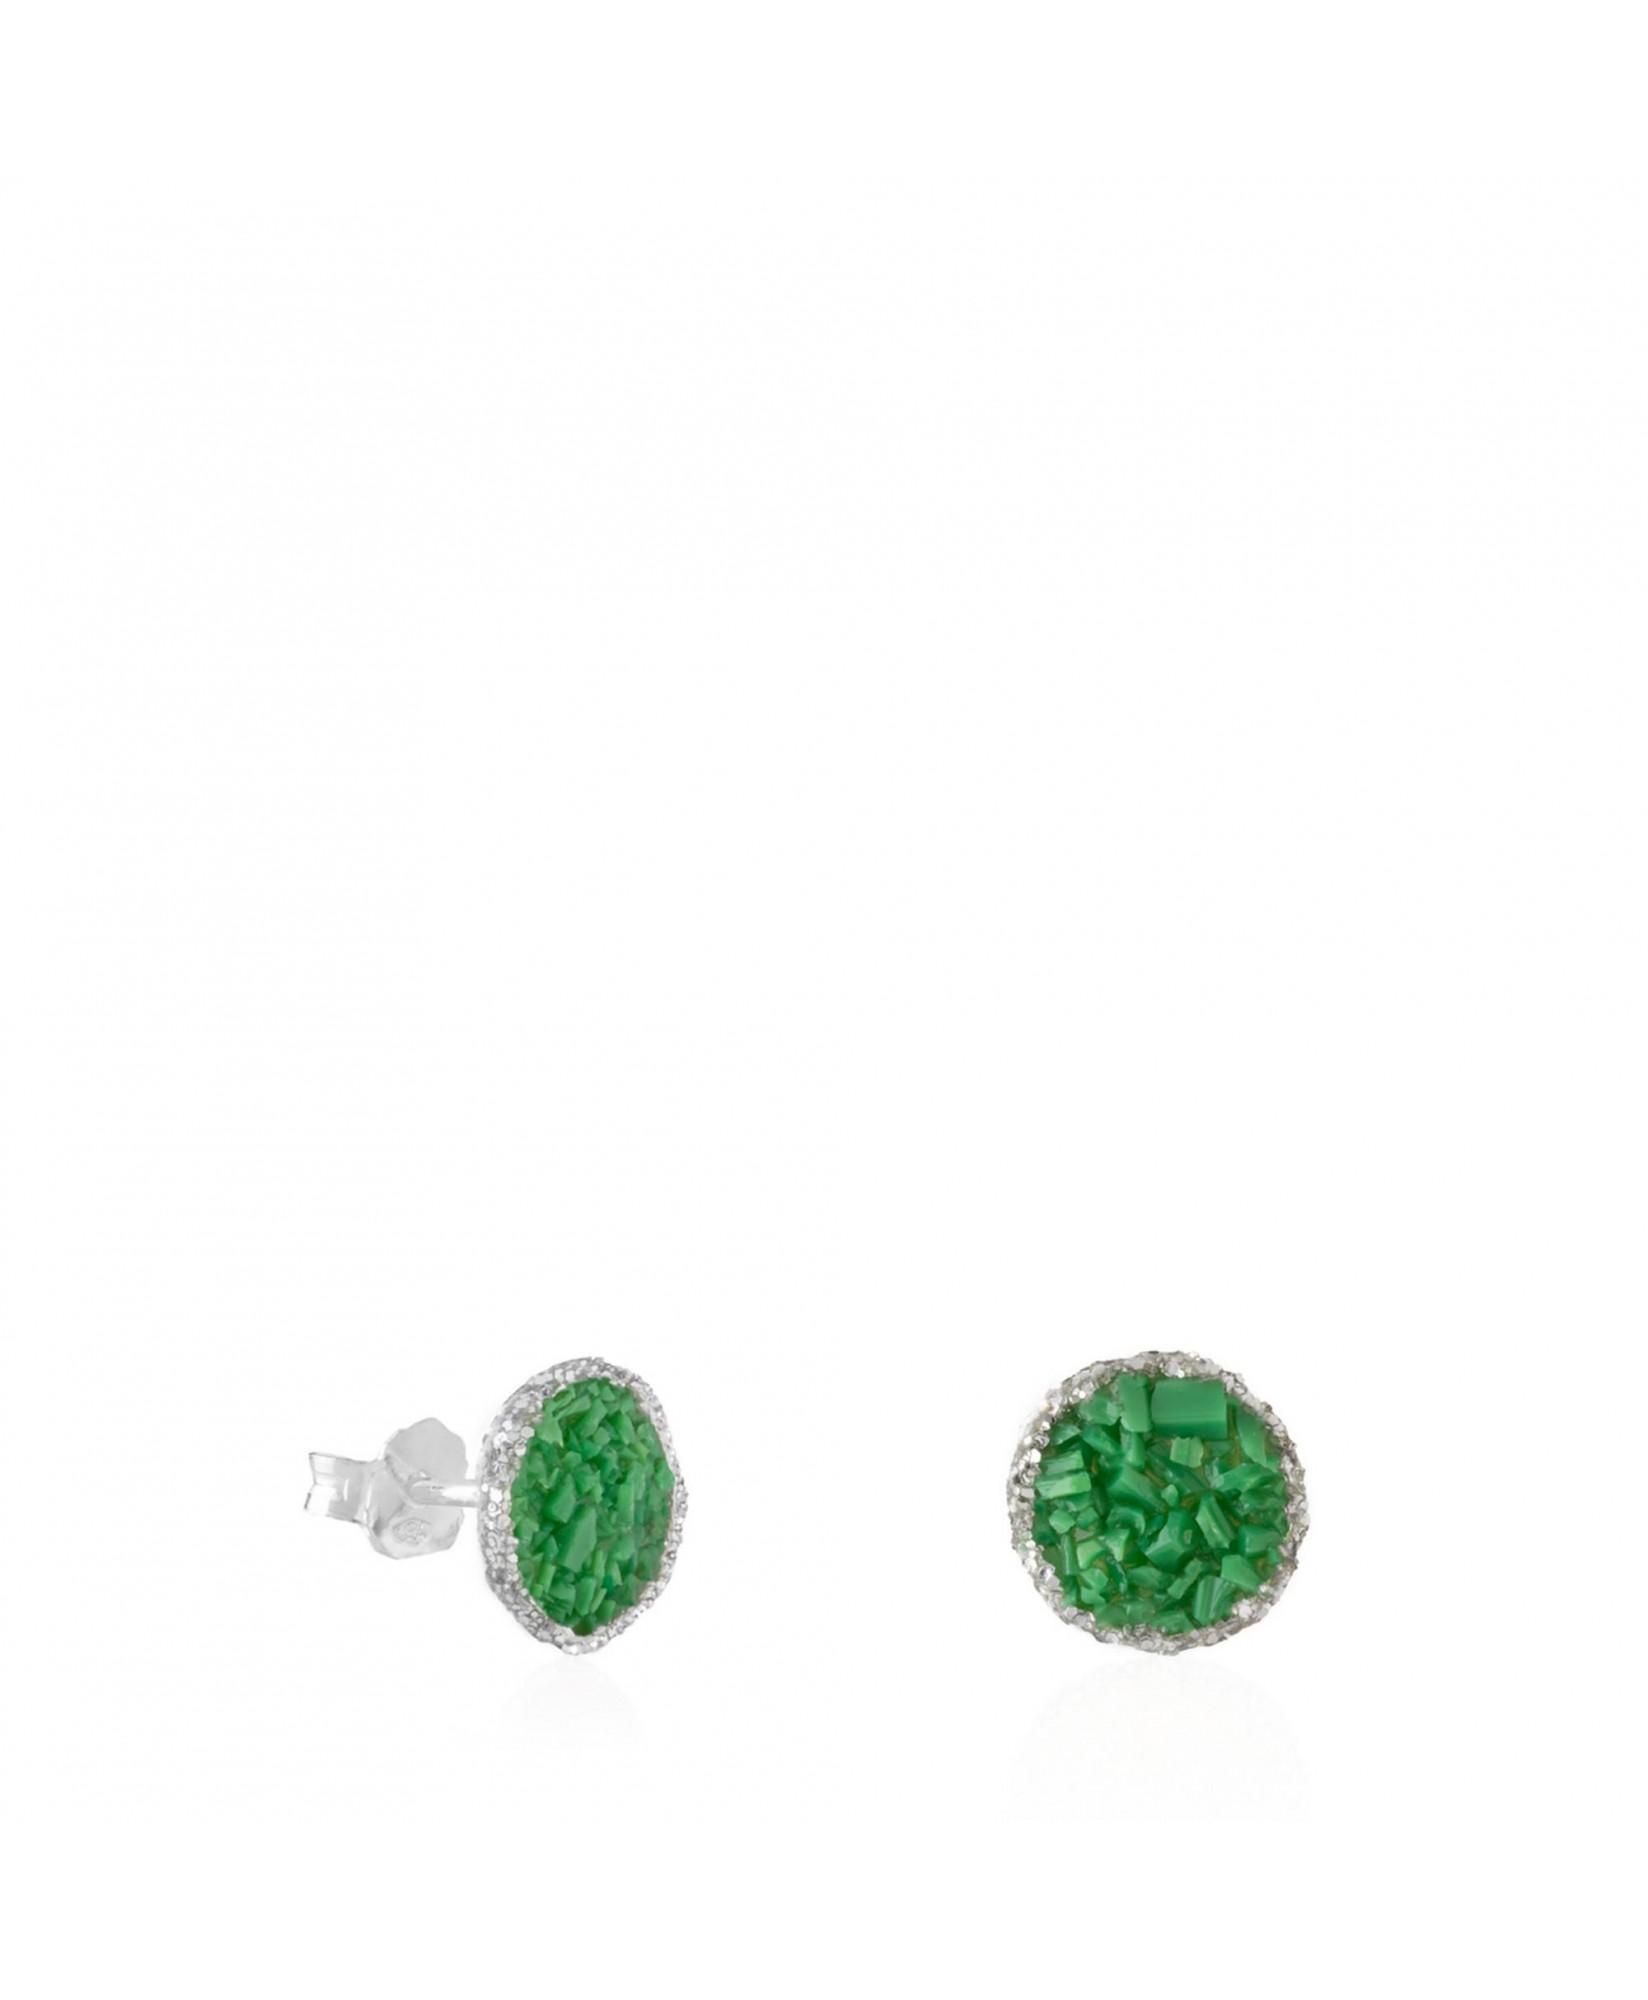 Pendientes dormilonas de plata medianos Grass con nácar verde Pendientes dormilonas de plata medianos Grass con nácar verde